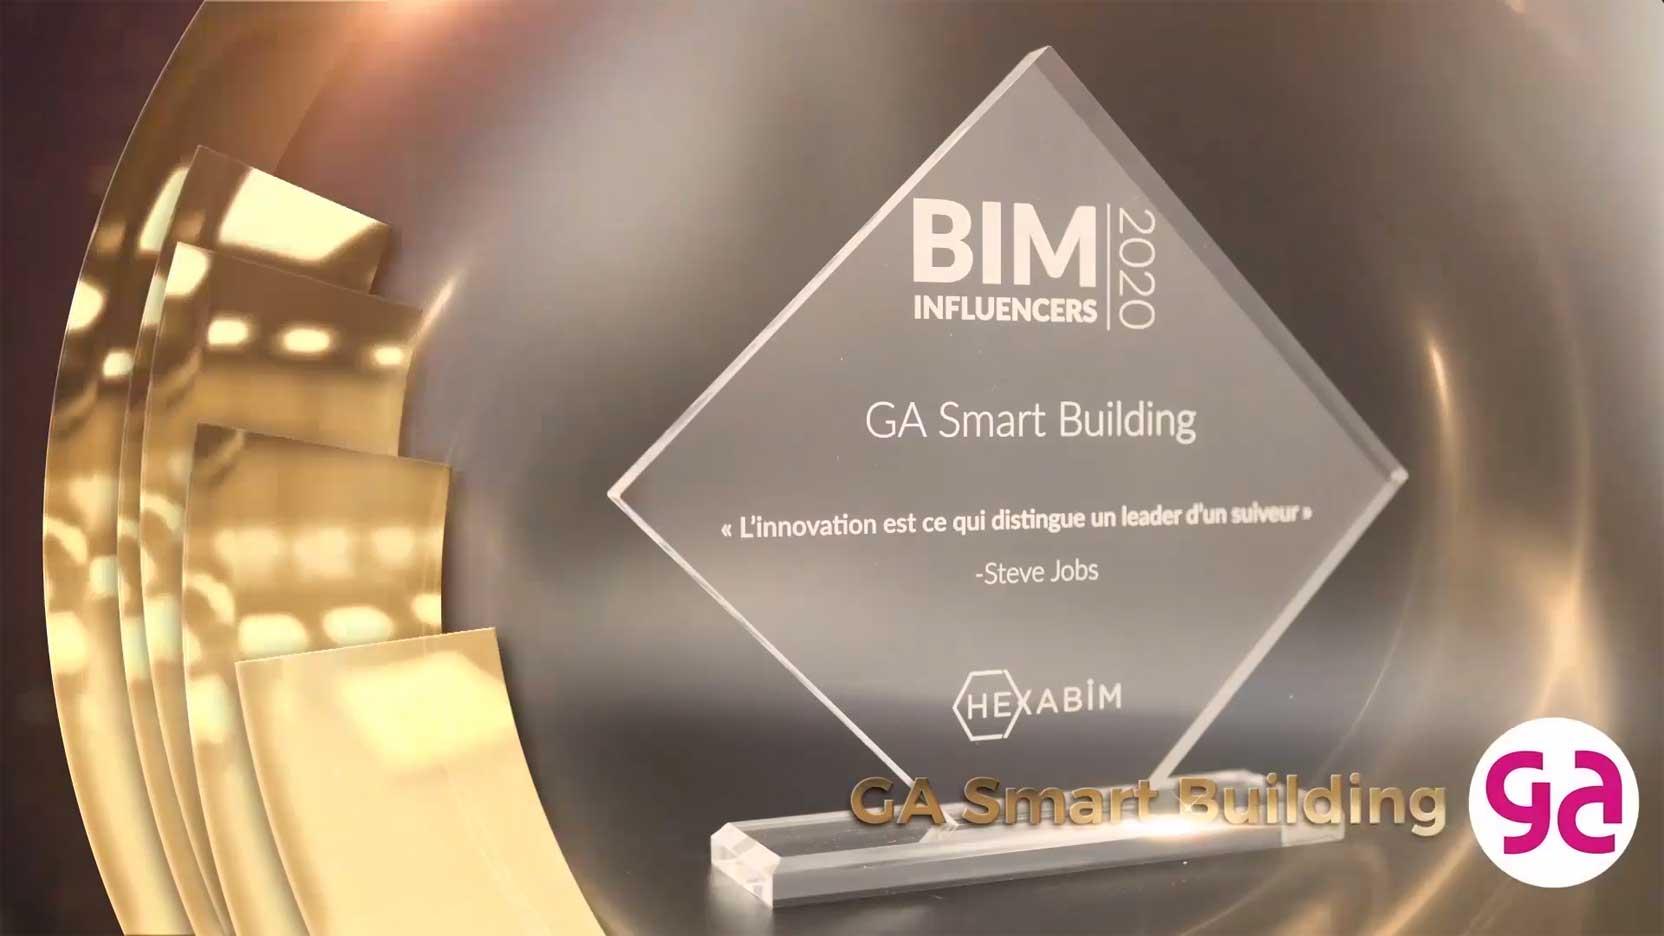 Nous avons été élus BIM Influencer 2020 lors du prix annuel organisé par HEXABIM !